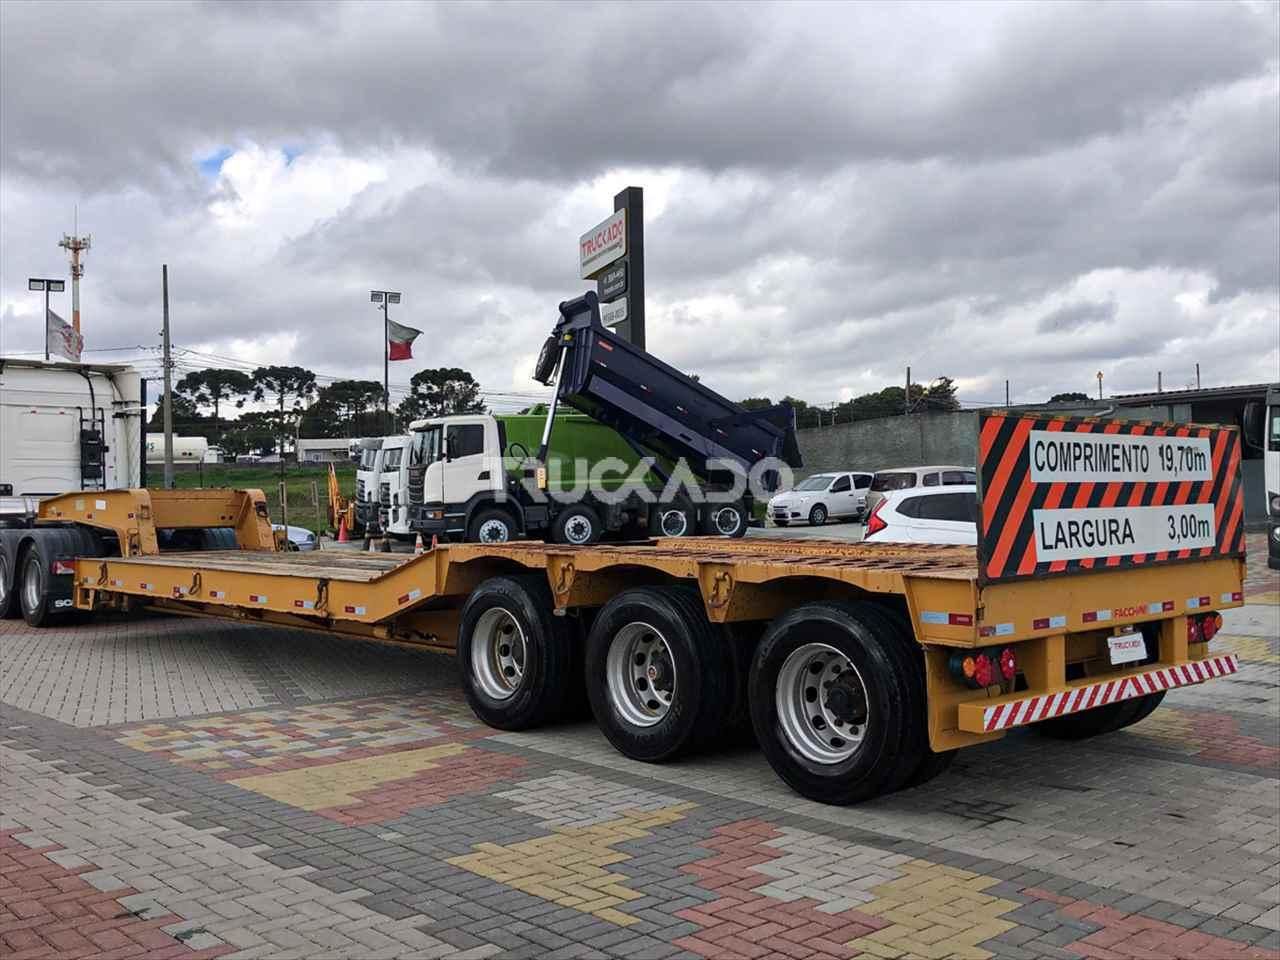 CARRETA SEMI-REBOQUE PRANCHA Rebaixada Truckado Veículos SINOP MATO GROSSO MT